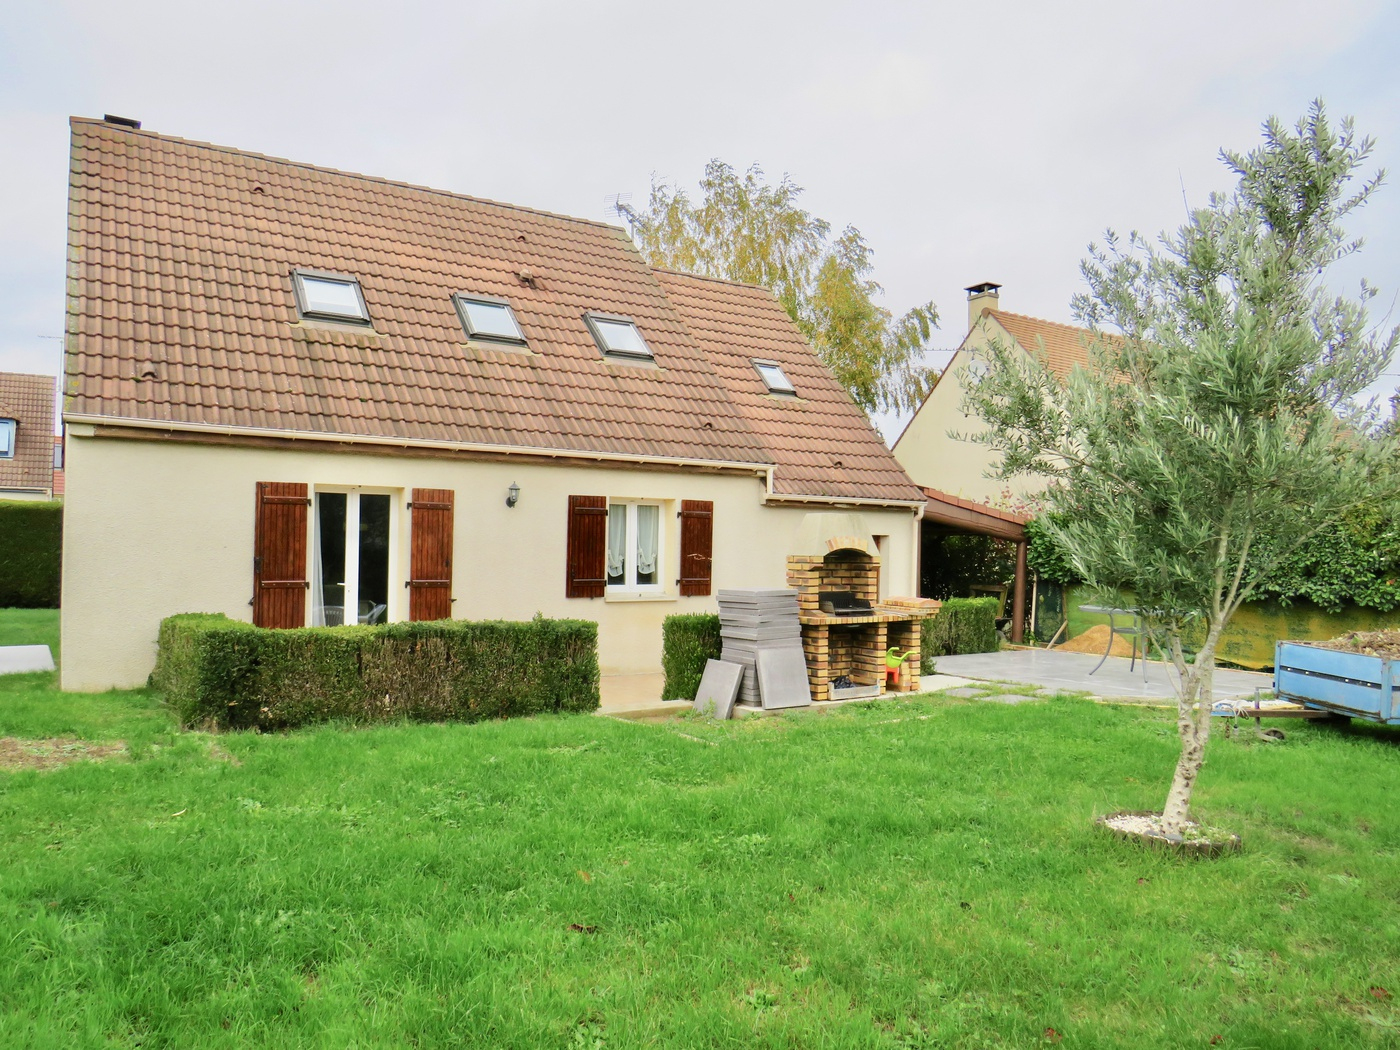 Achat Maison 100 M2 Auneau-Bleury-Saint-Symphorien (28700 ... dedans Piscine Auneau